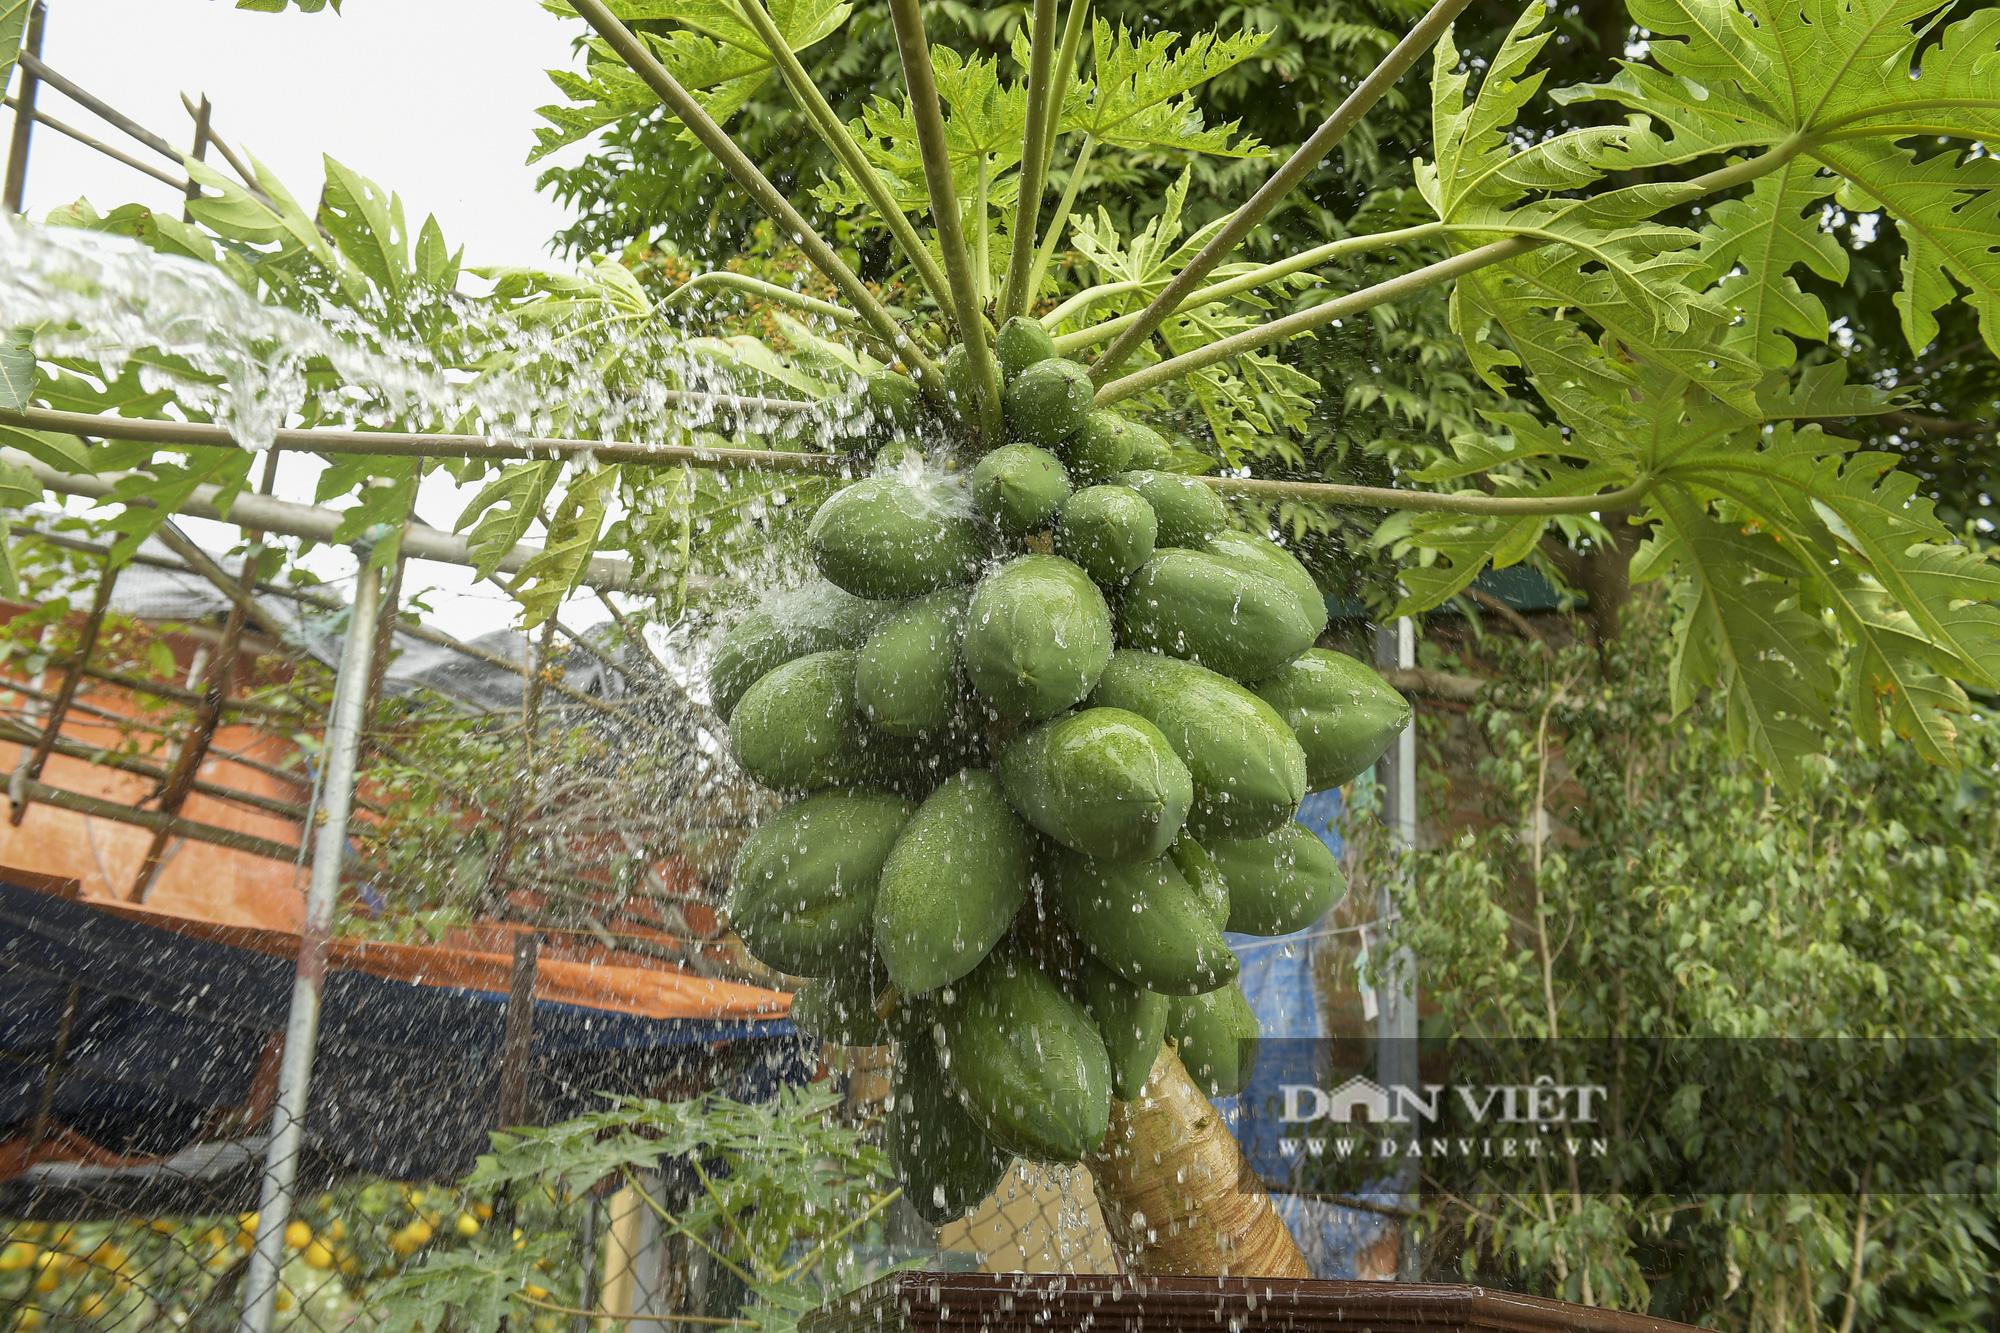 Độc đáo vườn đu đủ bonsai trĩu quả chơi Tết, mỗi cây giá bạc triệu hút khách mua chơi Tết - Ảnh 6.